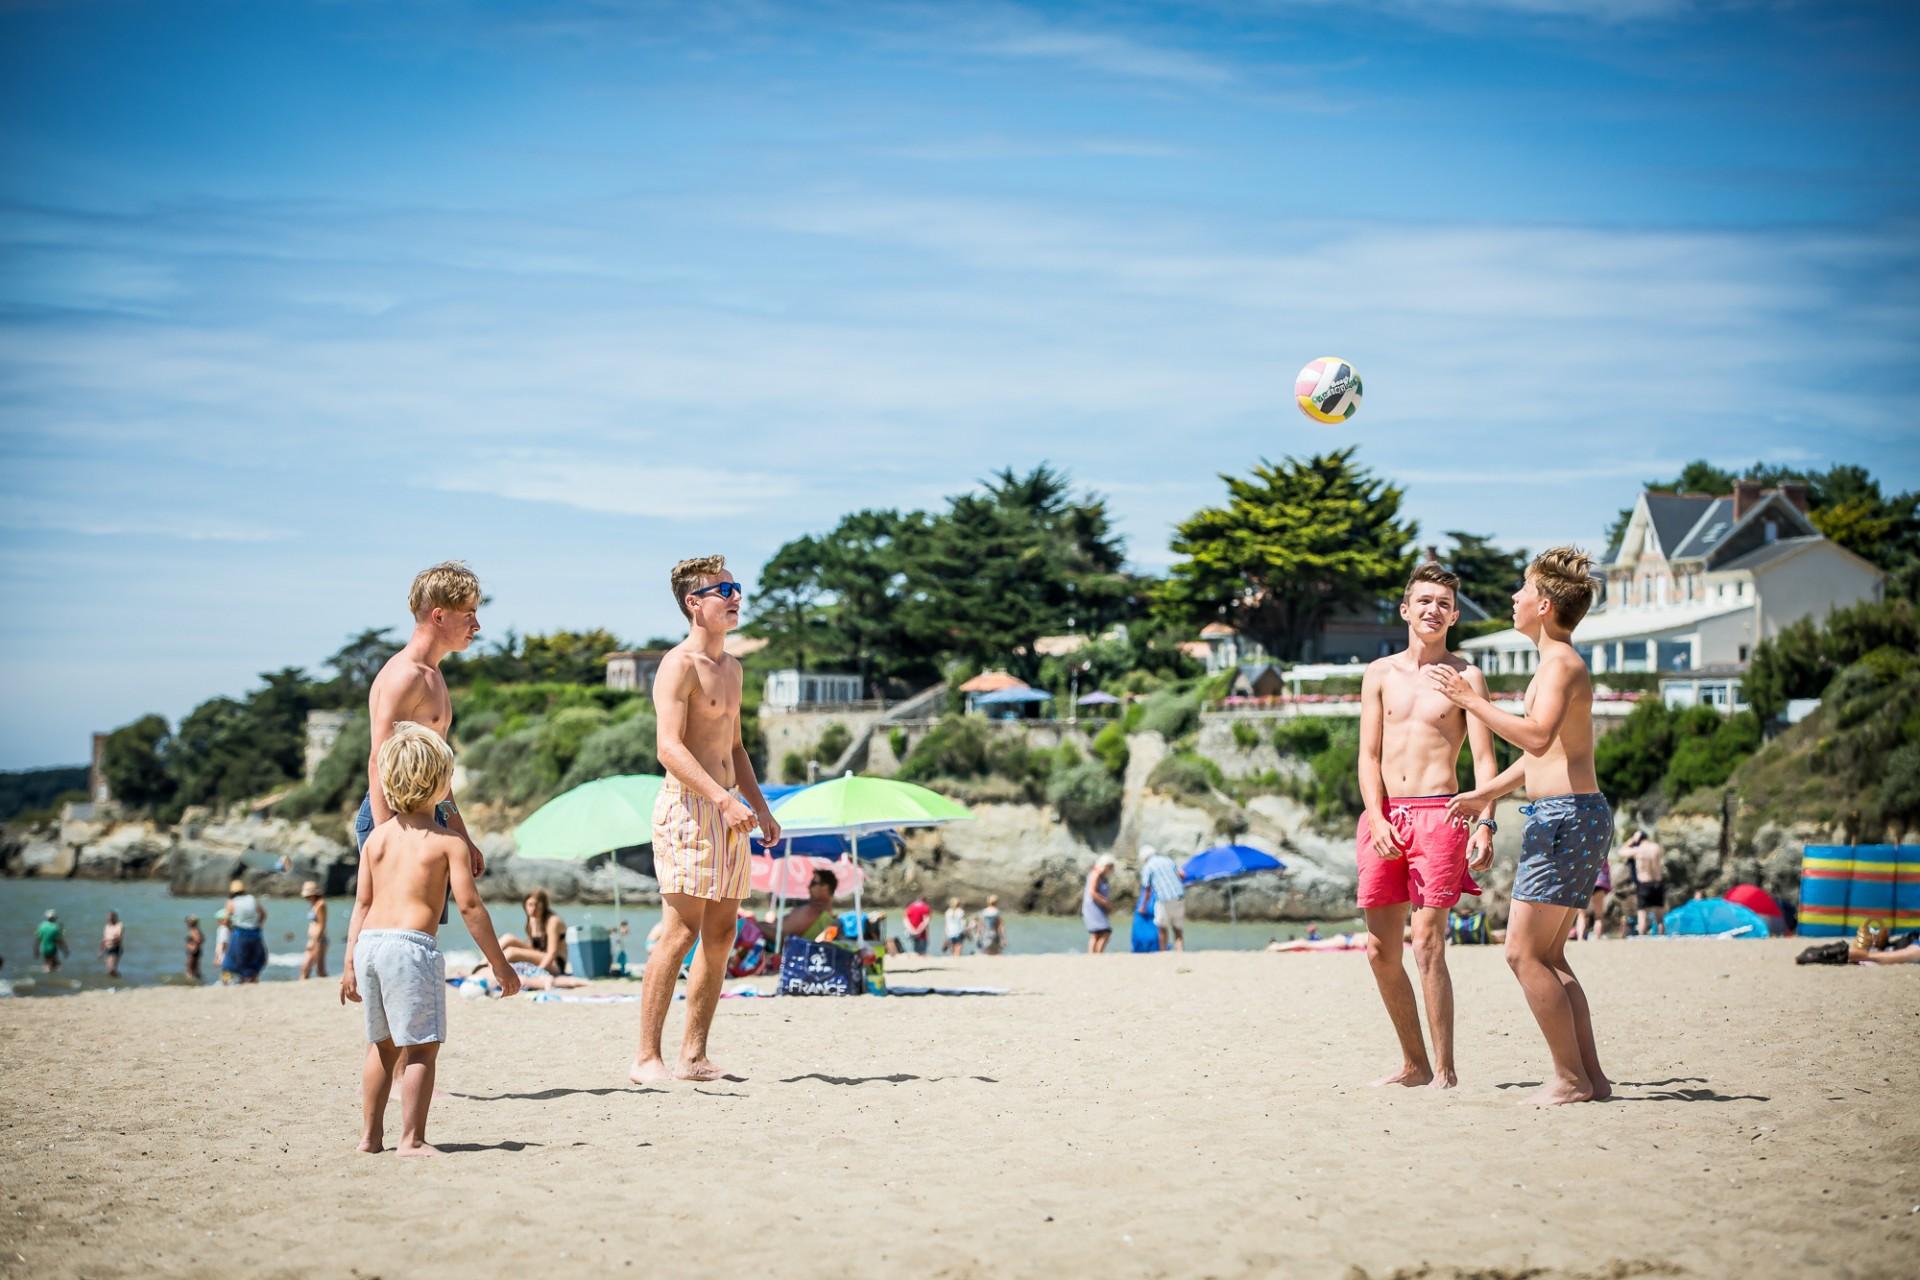 beach volley, plage, plage entre amis, plage la bernerie en retz